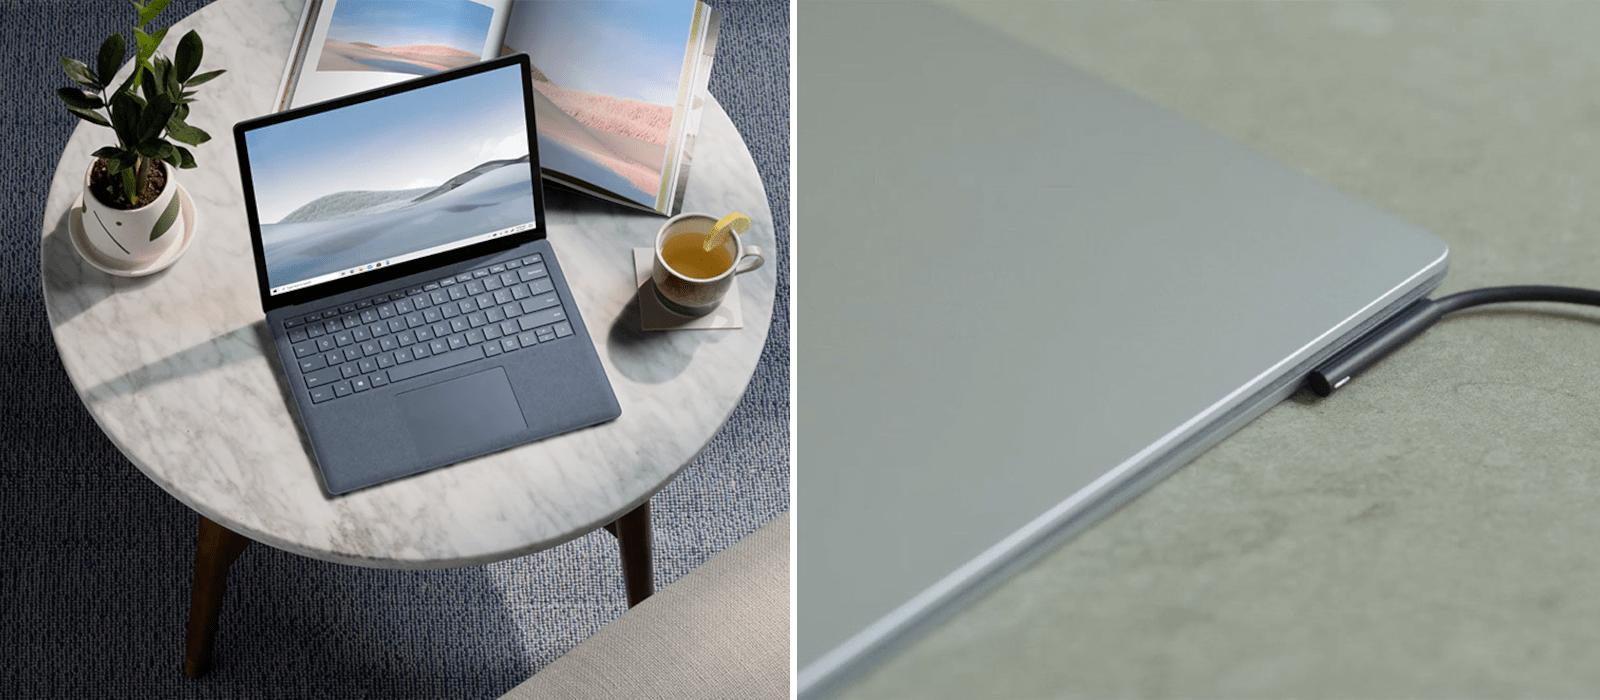 Das linke Bild zeigt einen Surface Laptop, der neben einer Pflanze, einem Buch und einer Tasse auf einem Tisch platziert ist. Auf dem rechten Bild zeigt eine Detailansicht das angeschlossene Ladekabel am Surface Laptop.